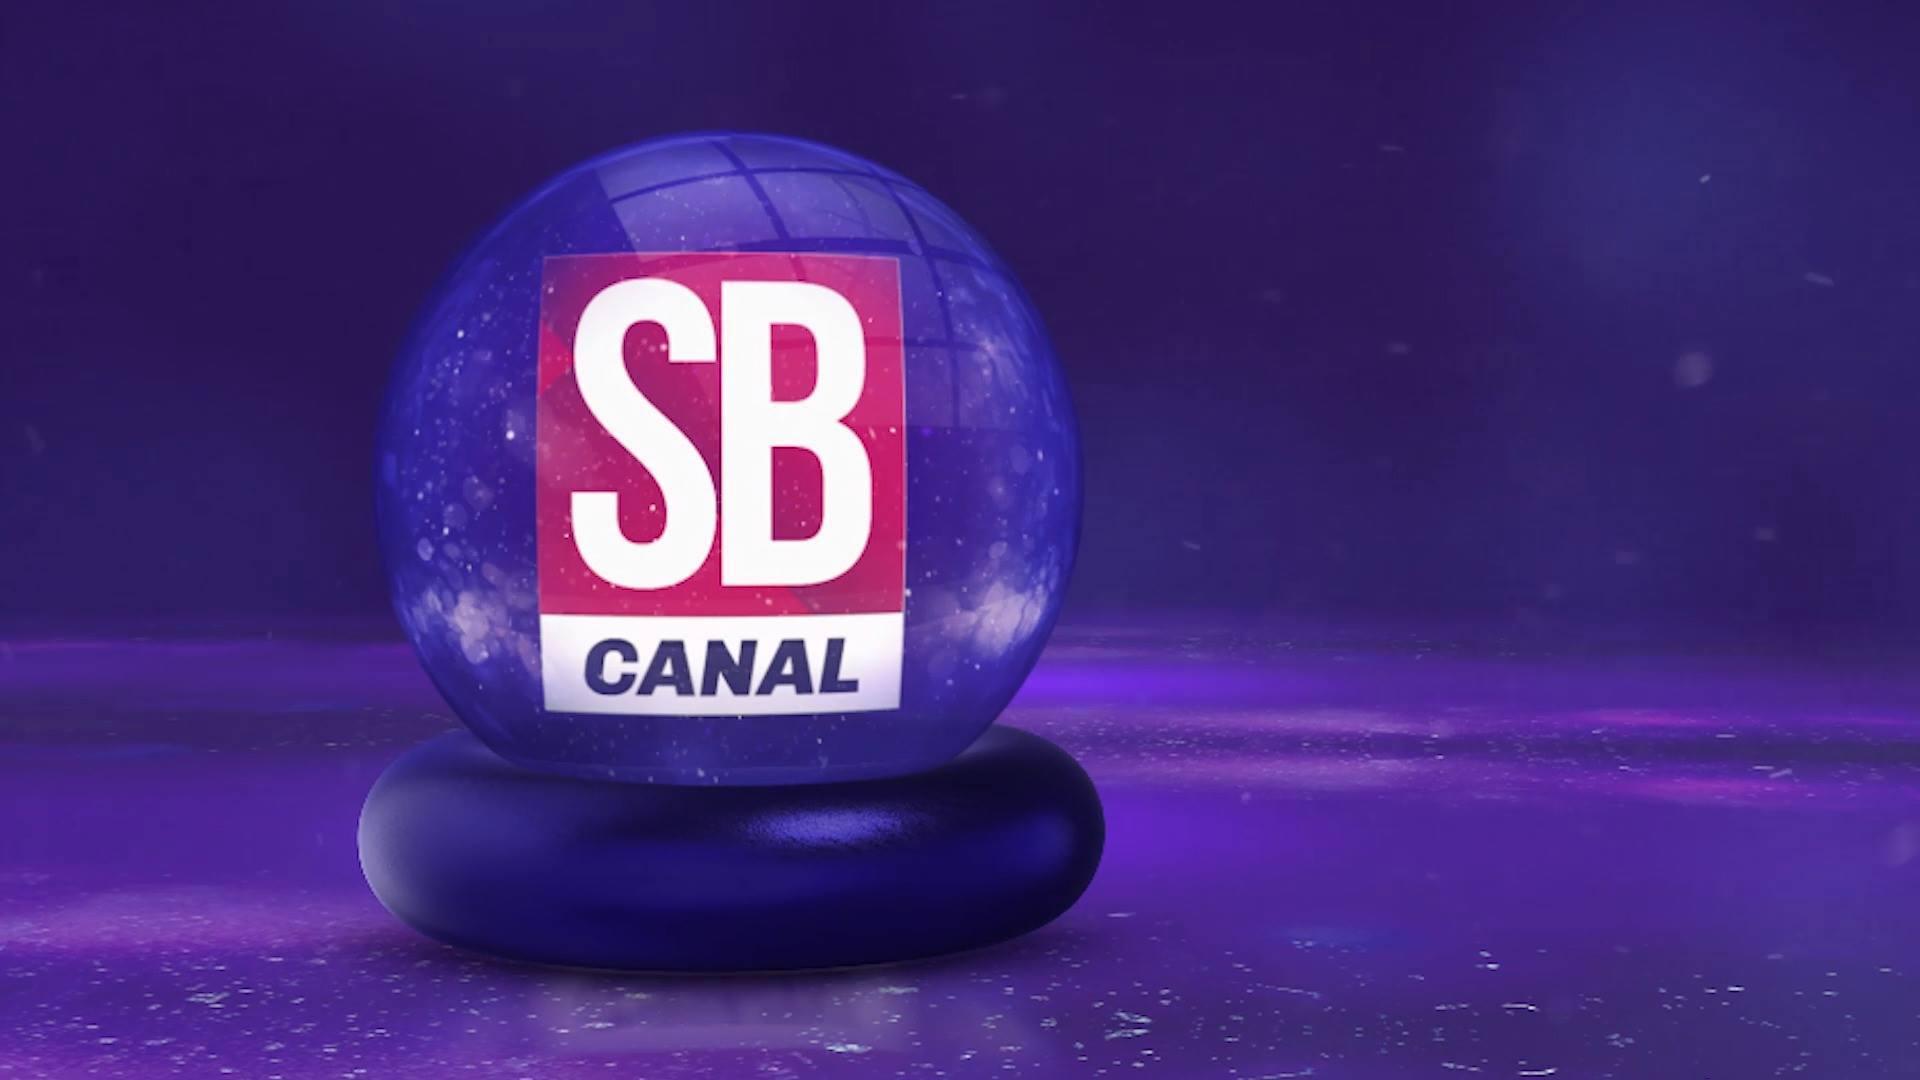 ¡FELIZ NAVIDAD Y PRÓSPERO AÑO NUEVO LES DESEA FOPASEF Y CANAL SB!